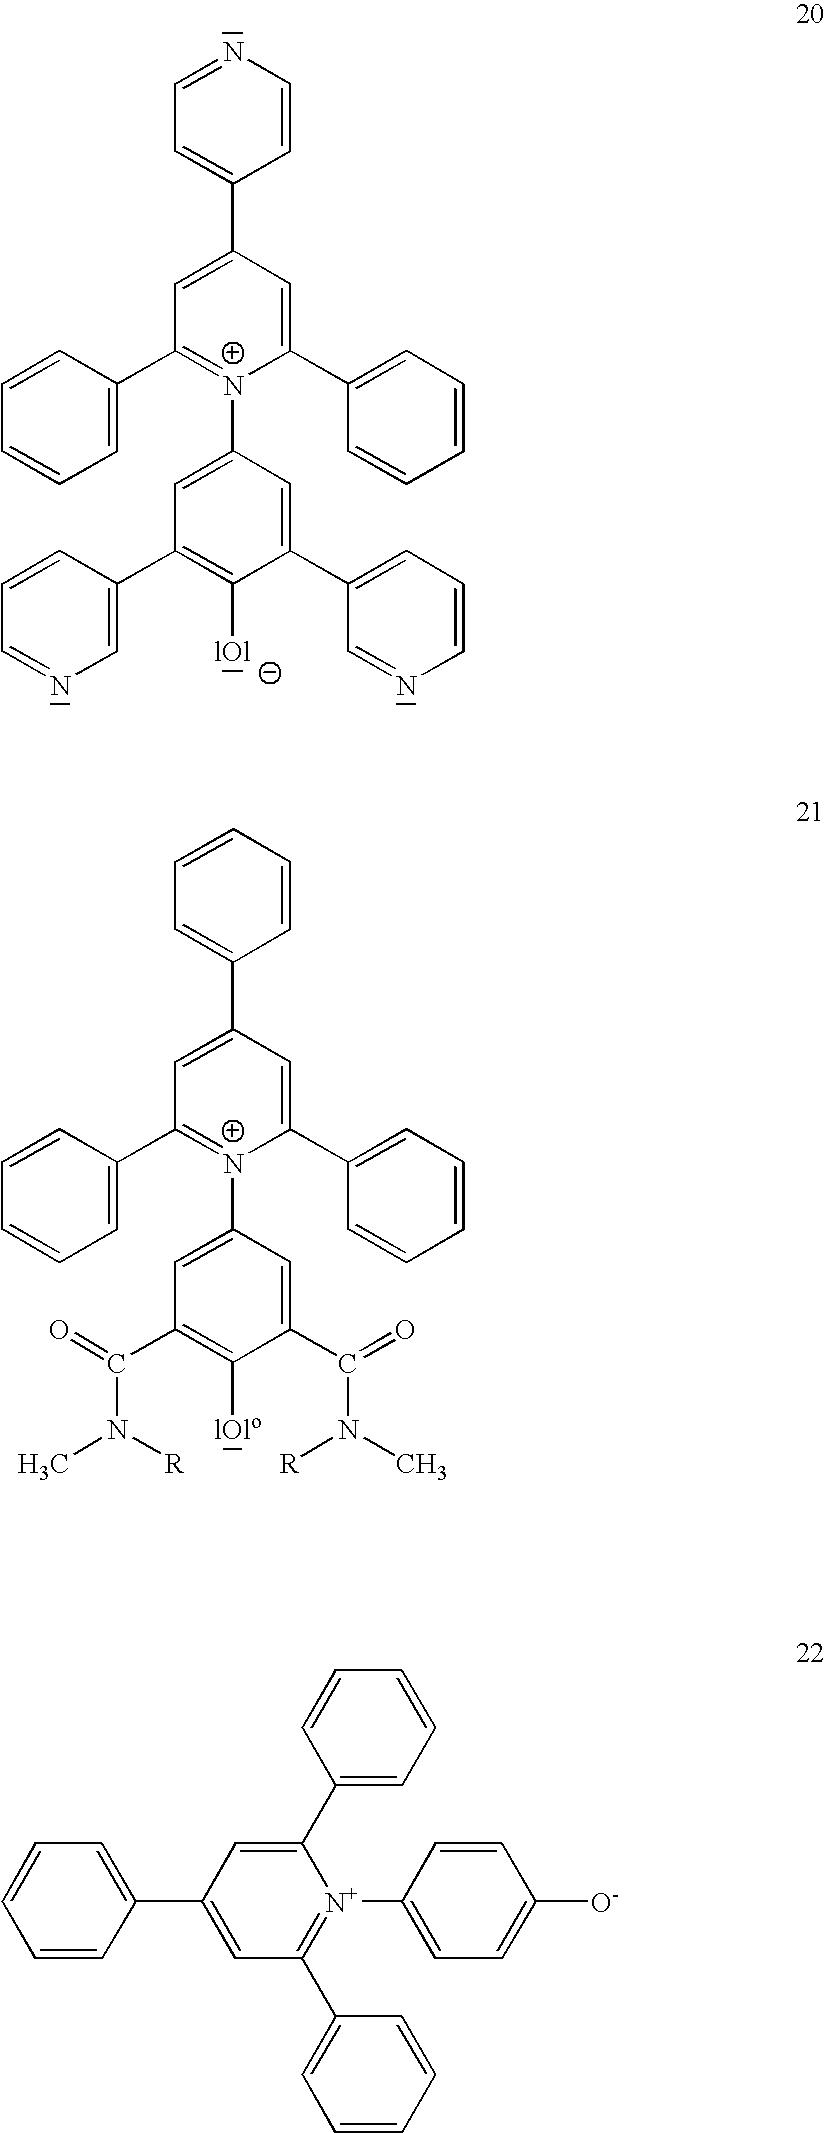 Figure US20060134728A1-20060622-C00010